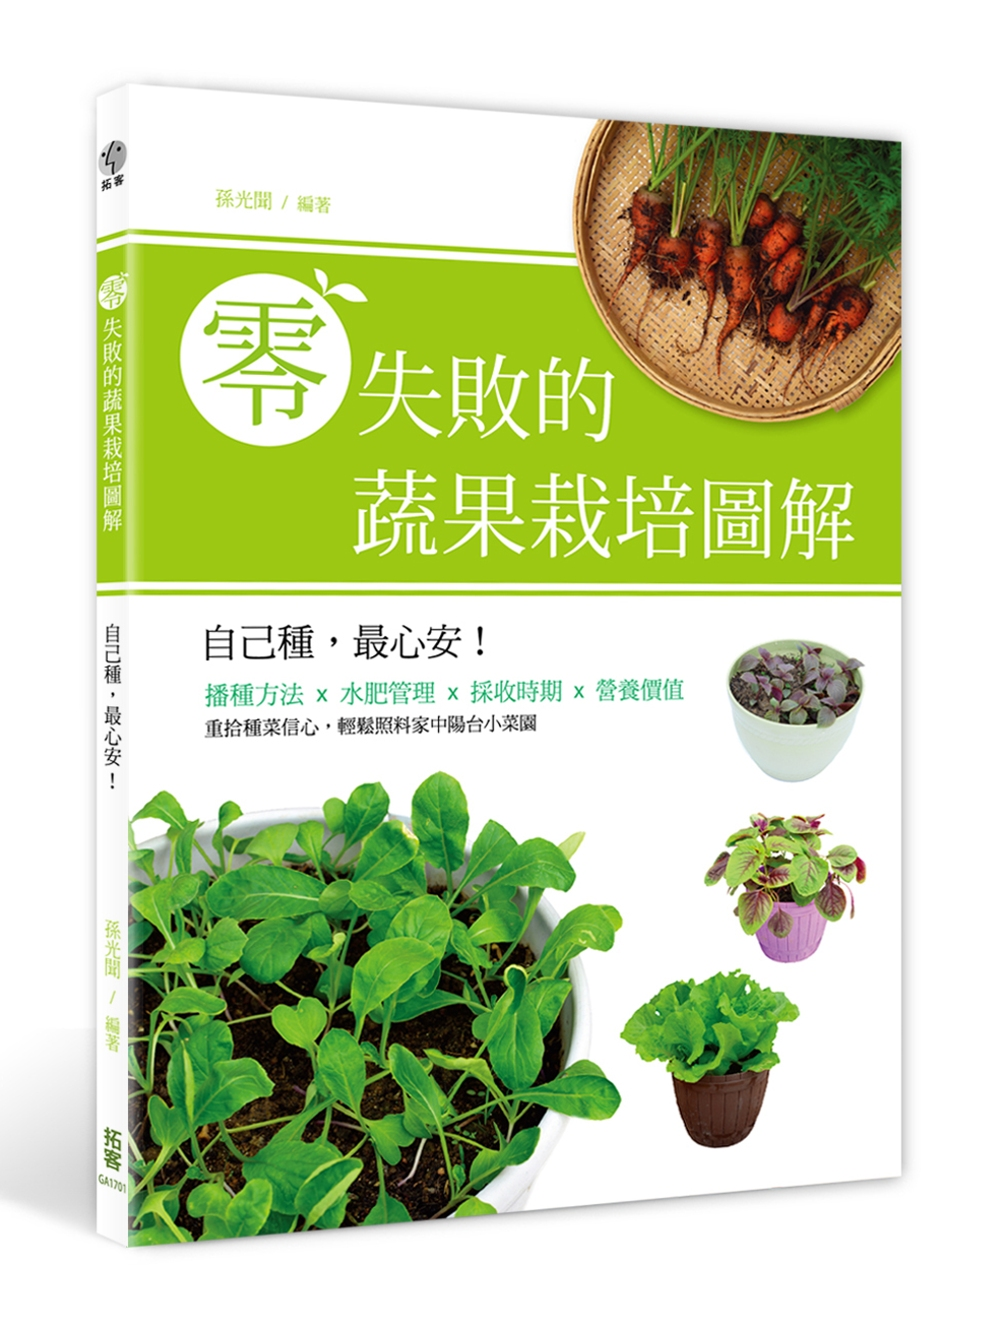 零失敗的蔬果栽培圖解:自己種,最心安!